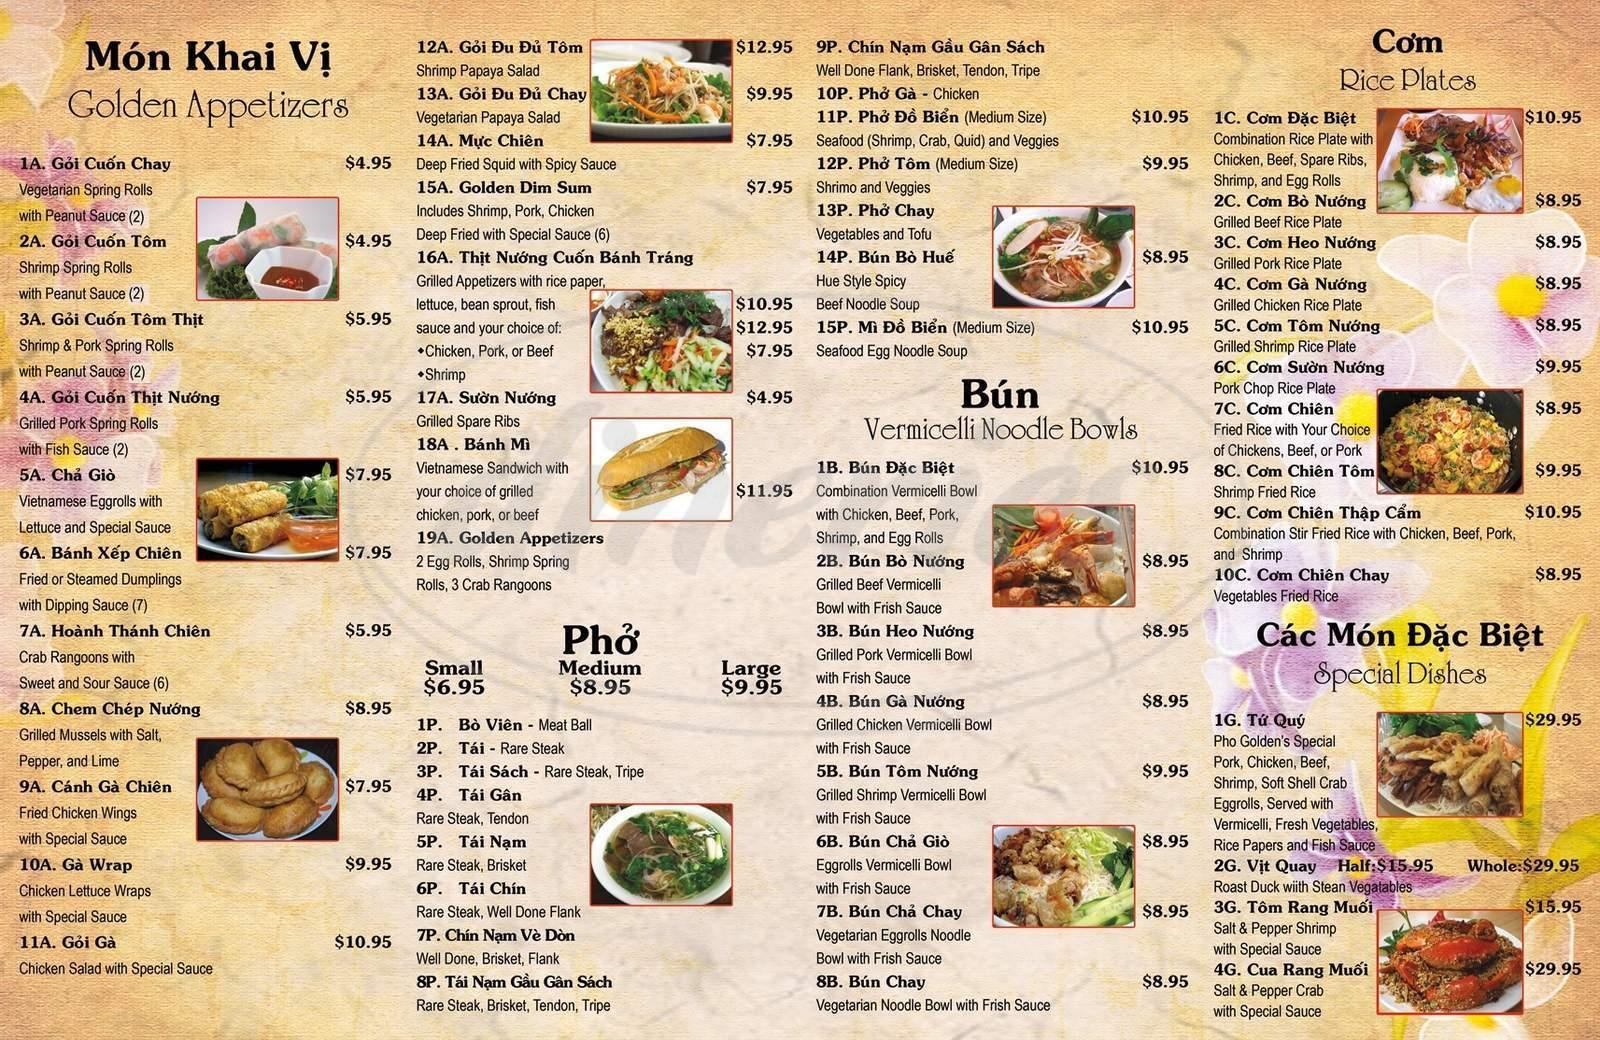 menu for Pho Golden